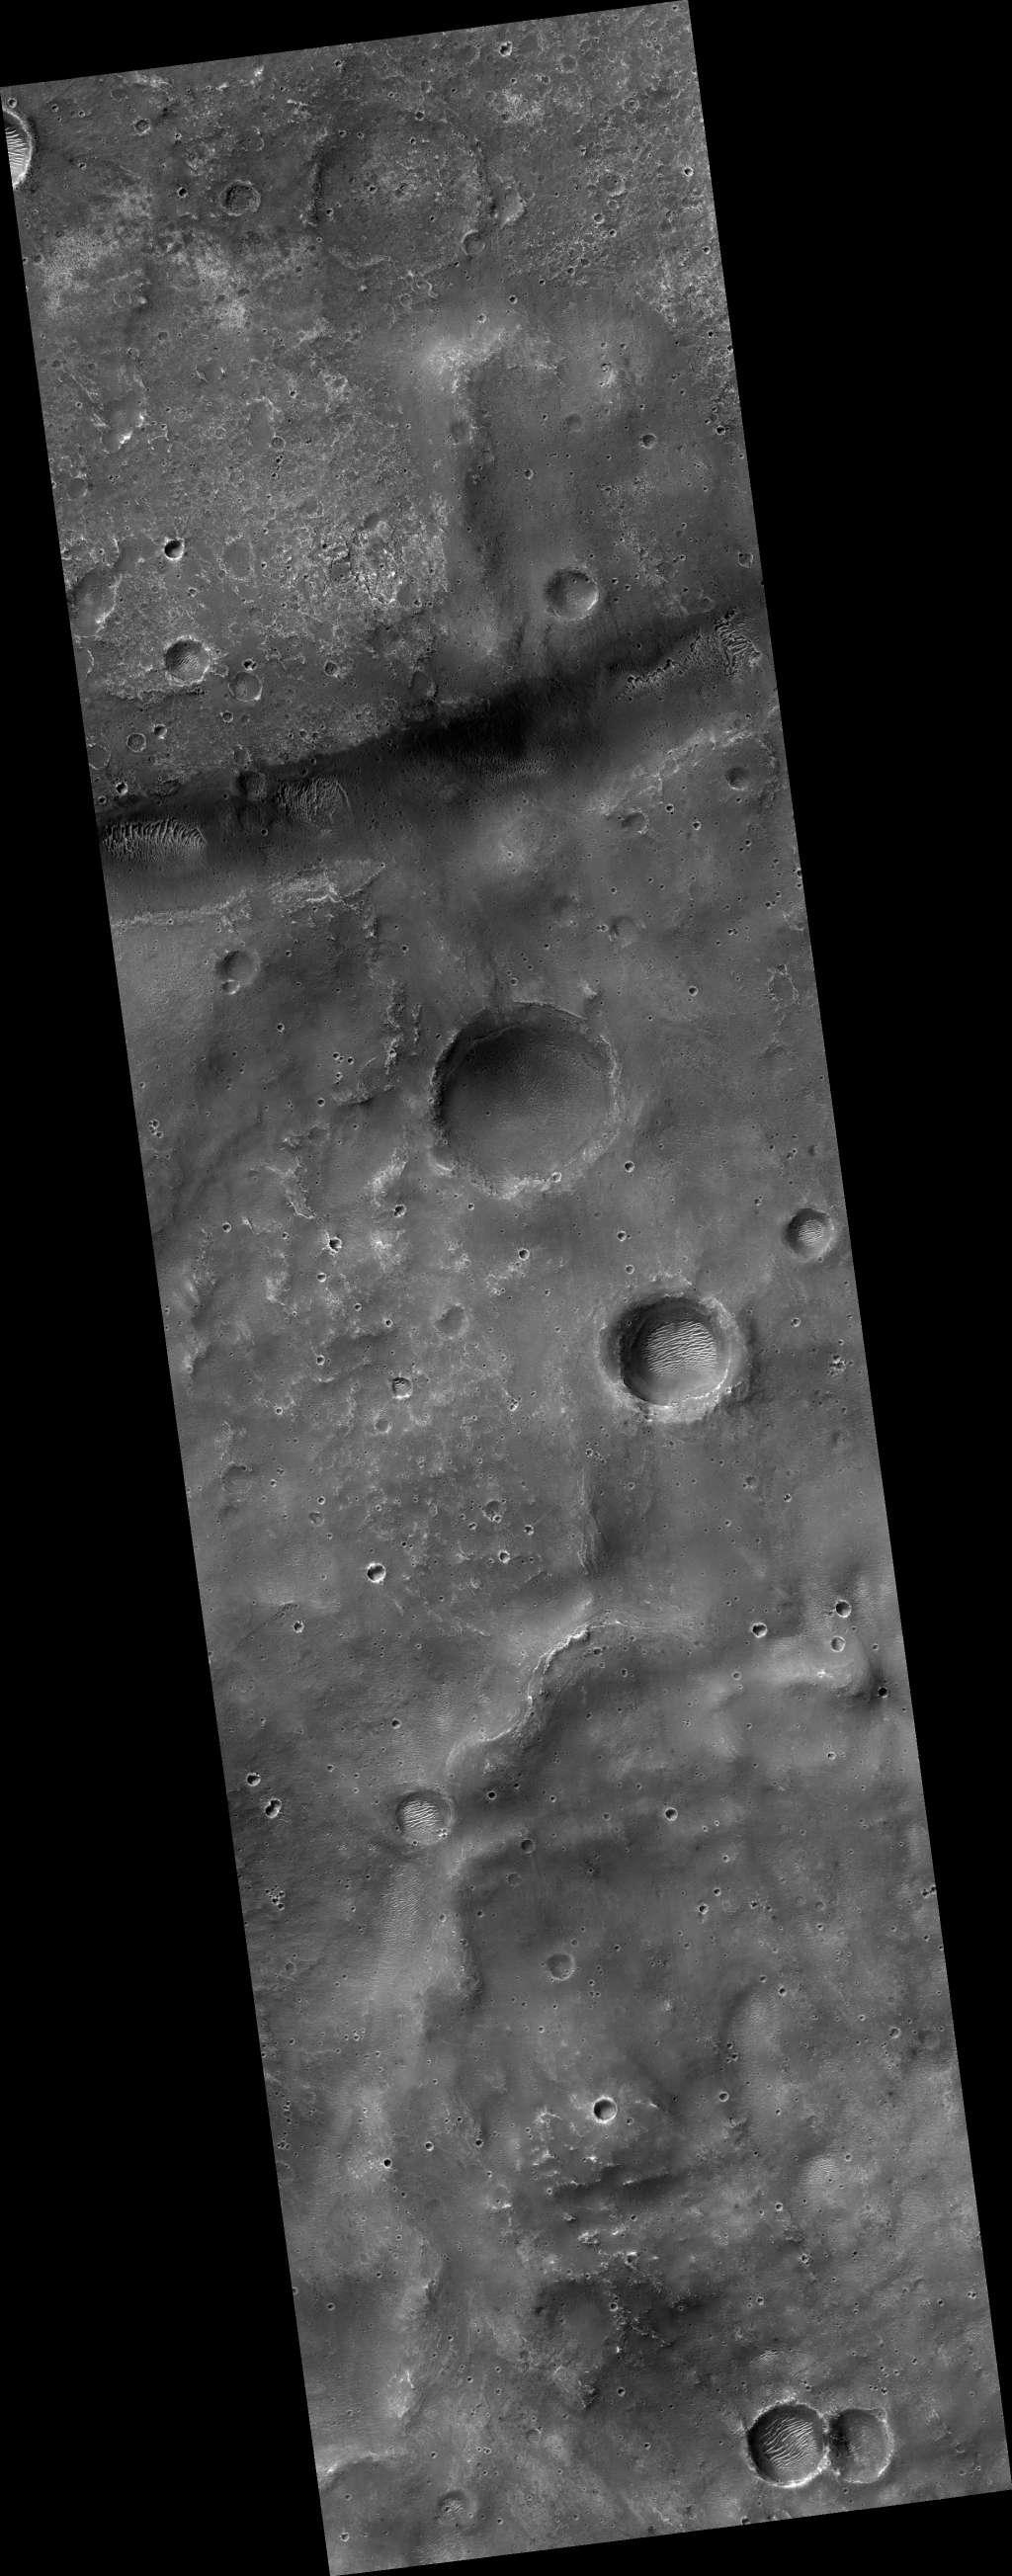 Hier gaat ExoMars mogelijk landen. Het gebied wordt Oxia Palus genoemd. Afbeelding: NASA / JPL / University of Arizona.